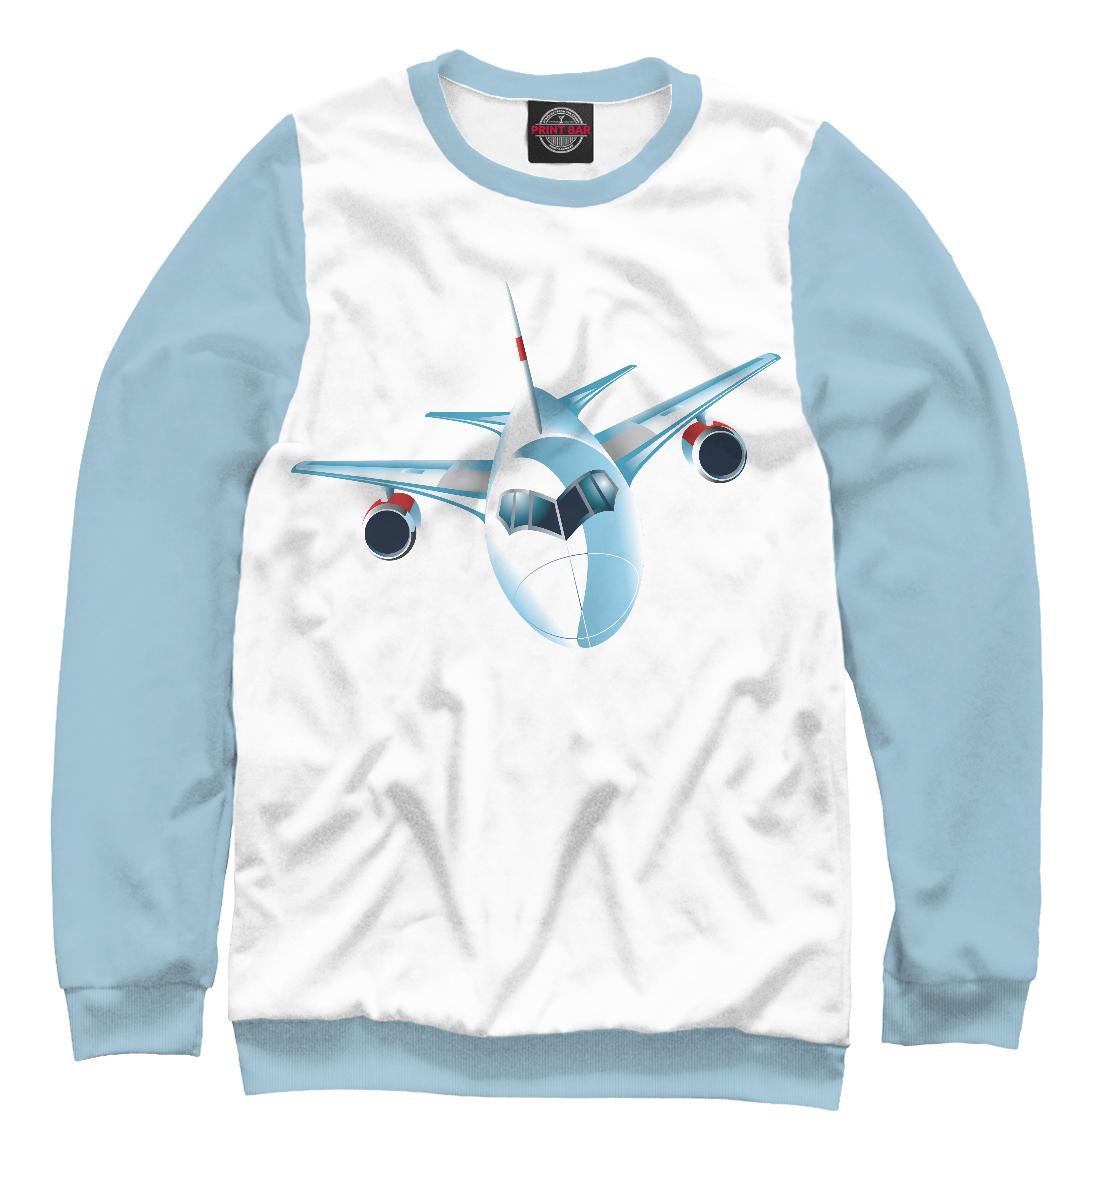 Купить Самолет, Printbar, Свитшоты, VVS-830427-swi-1